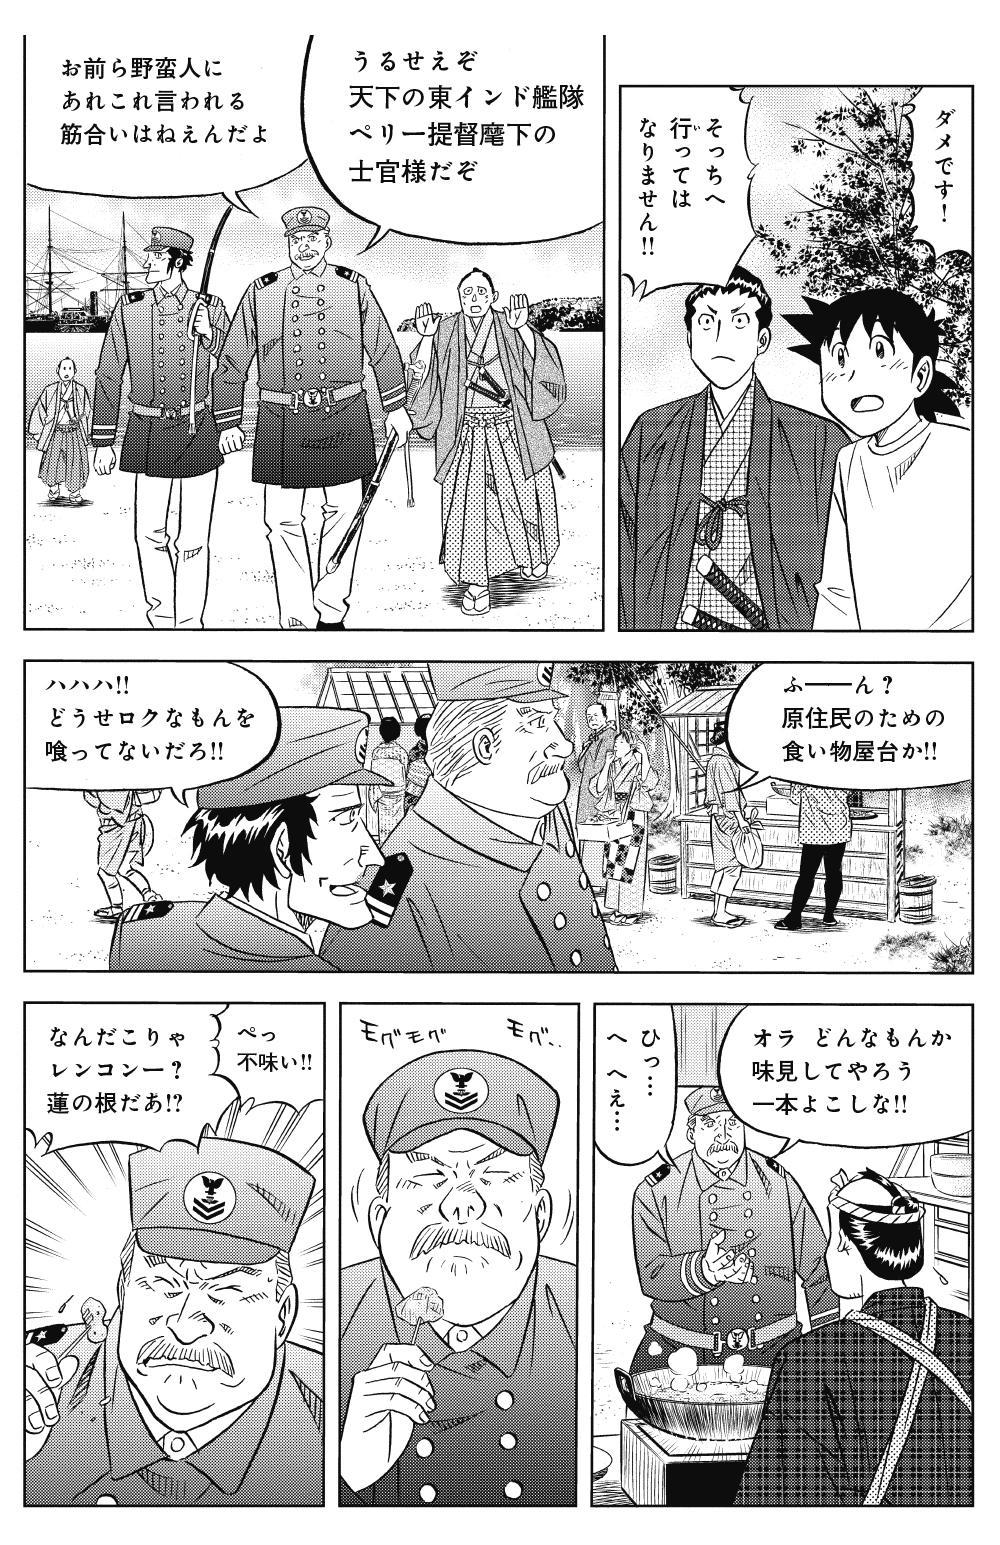 ミスター味っ子 幕末編 第1話「黒船来航」②ajikko15.jpg